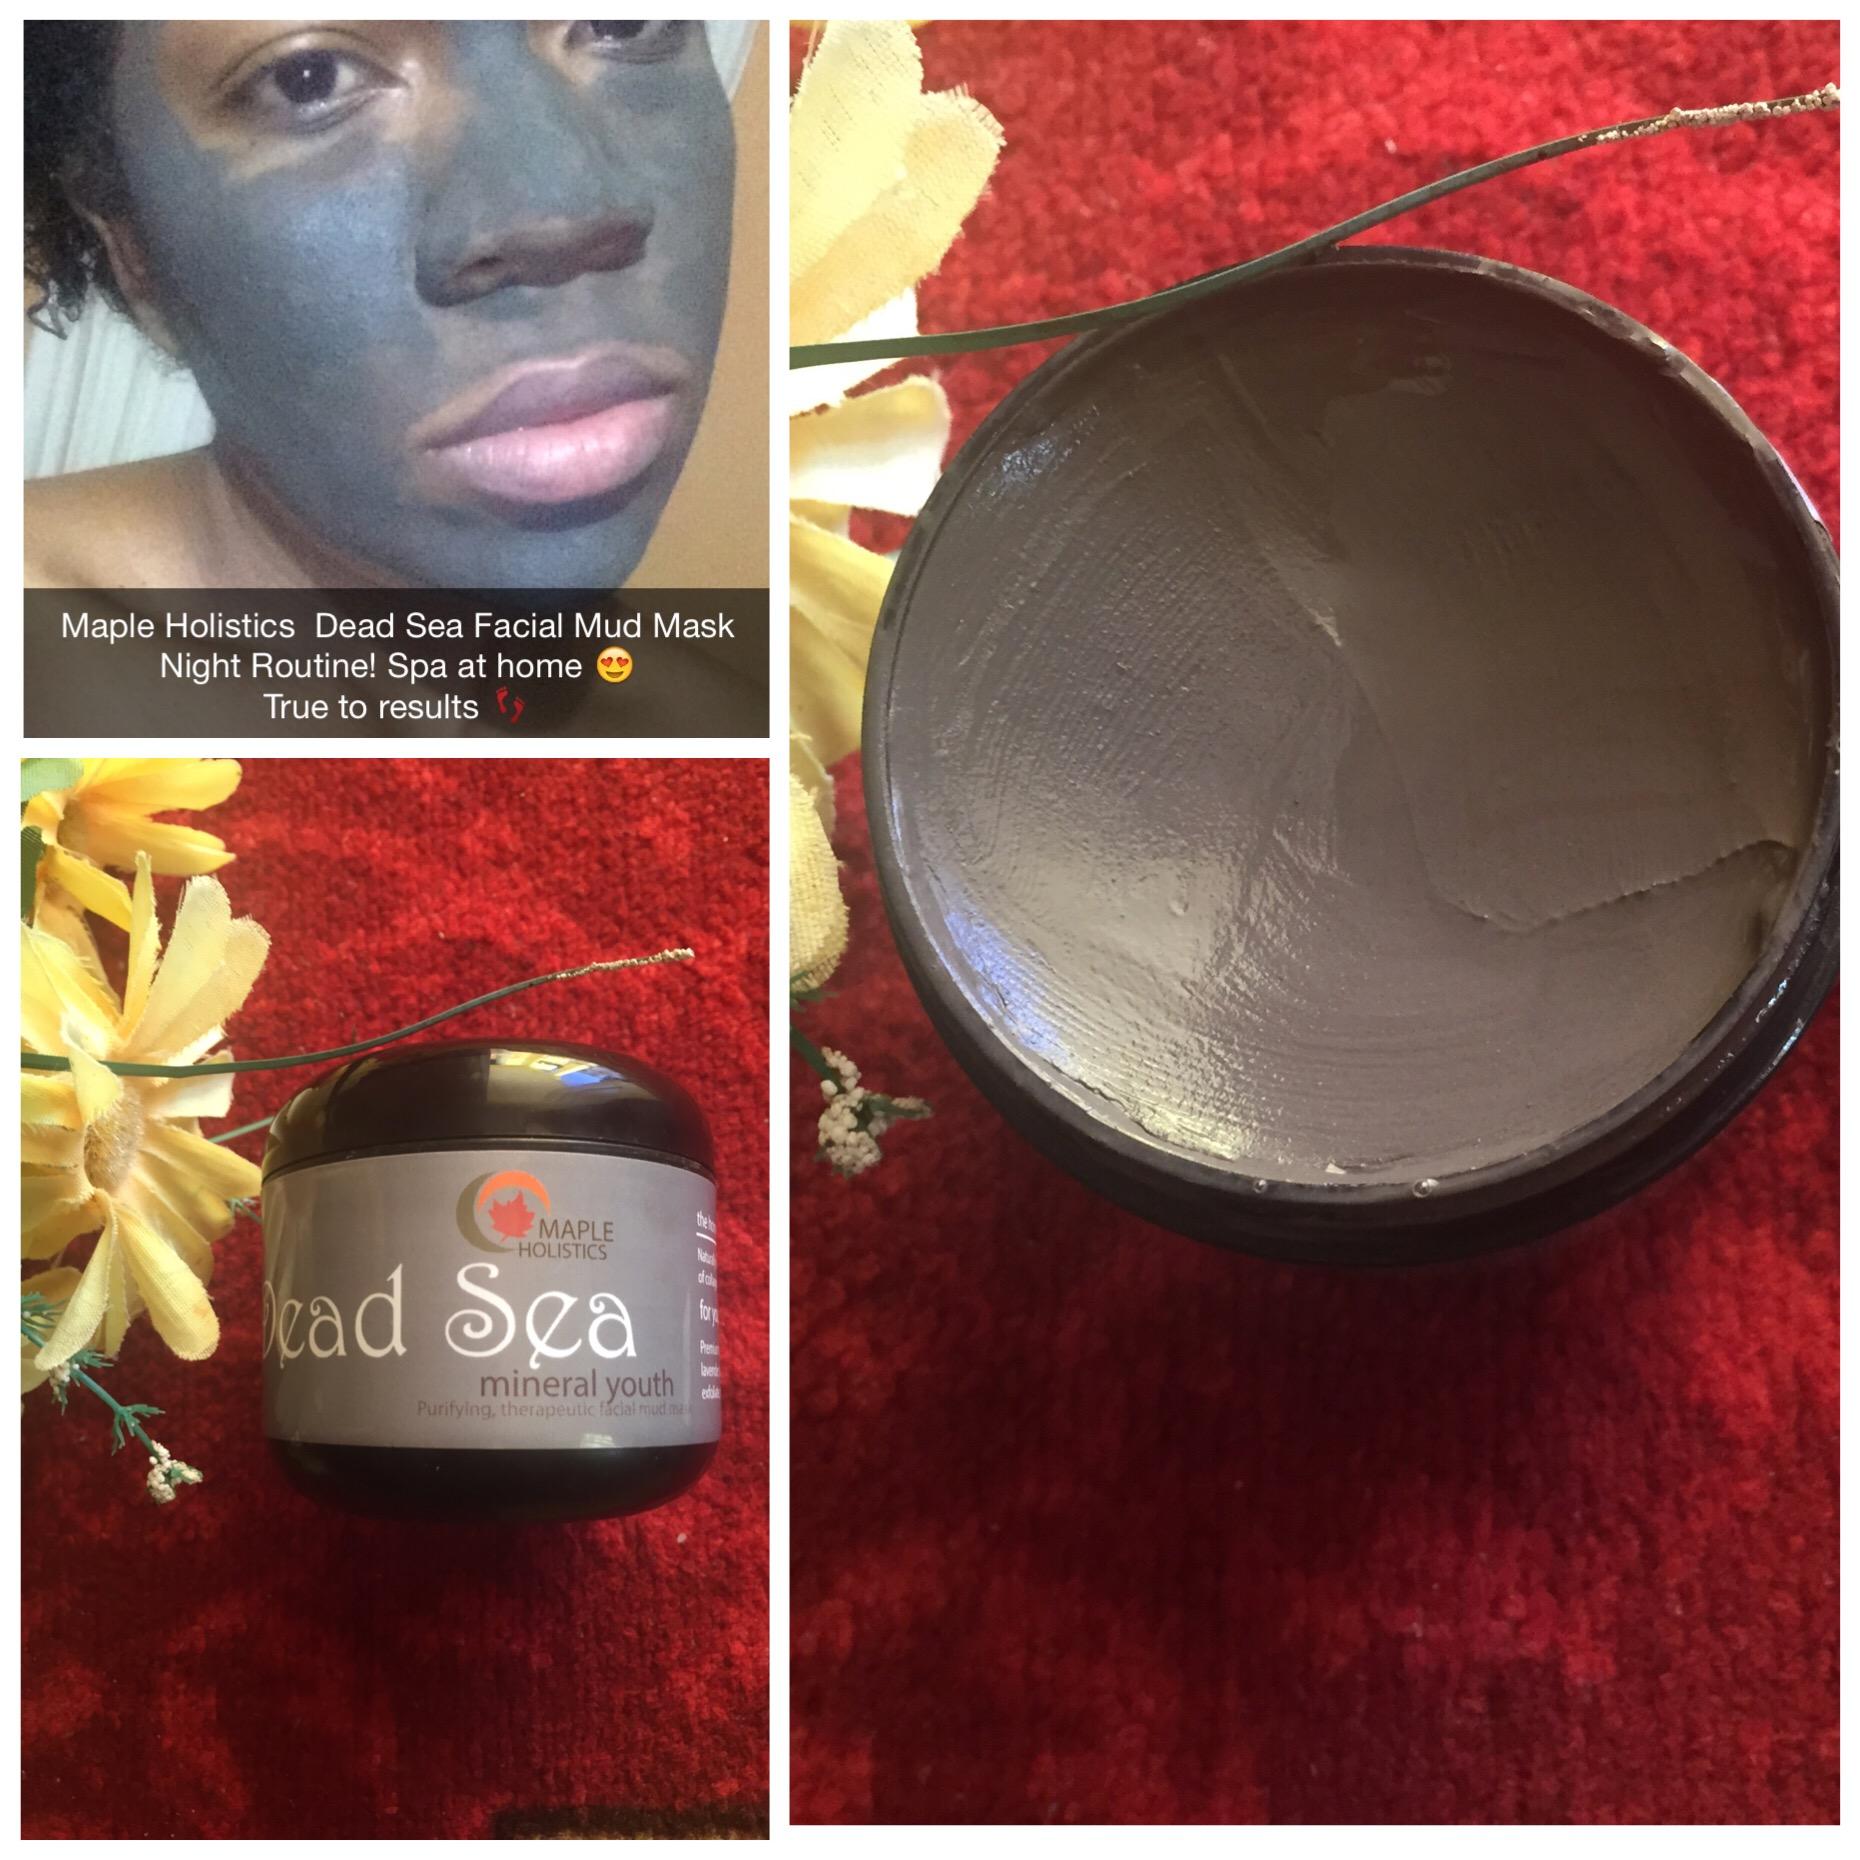 Maple Holistics Dead Sea Facial Mud Mask